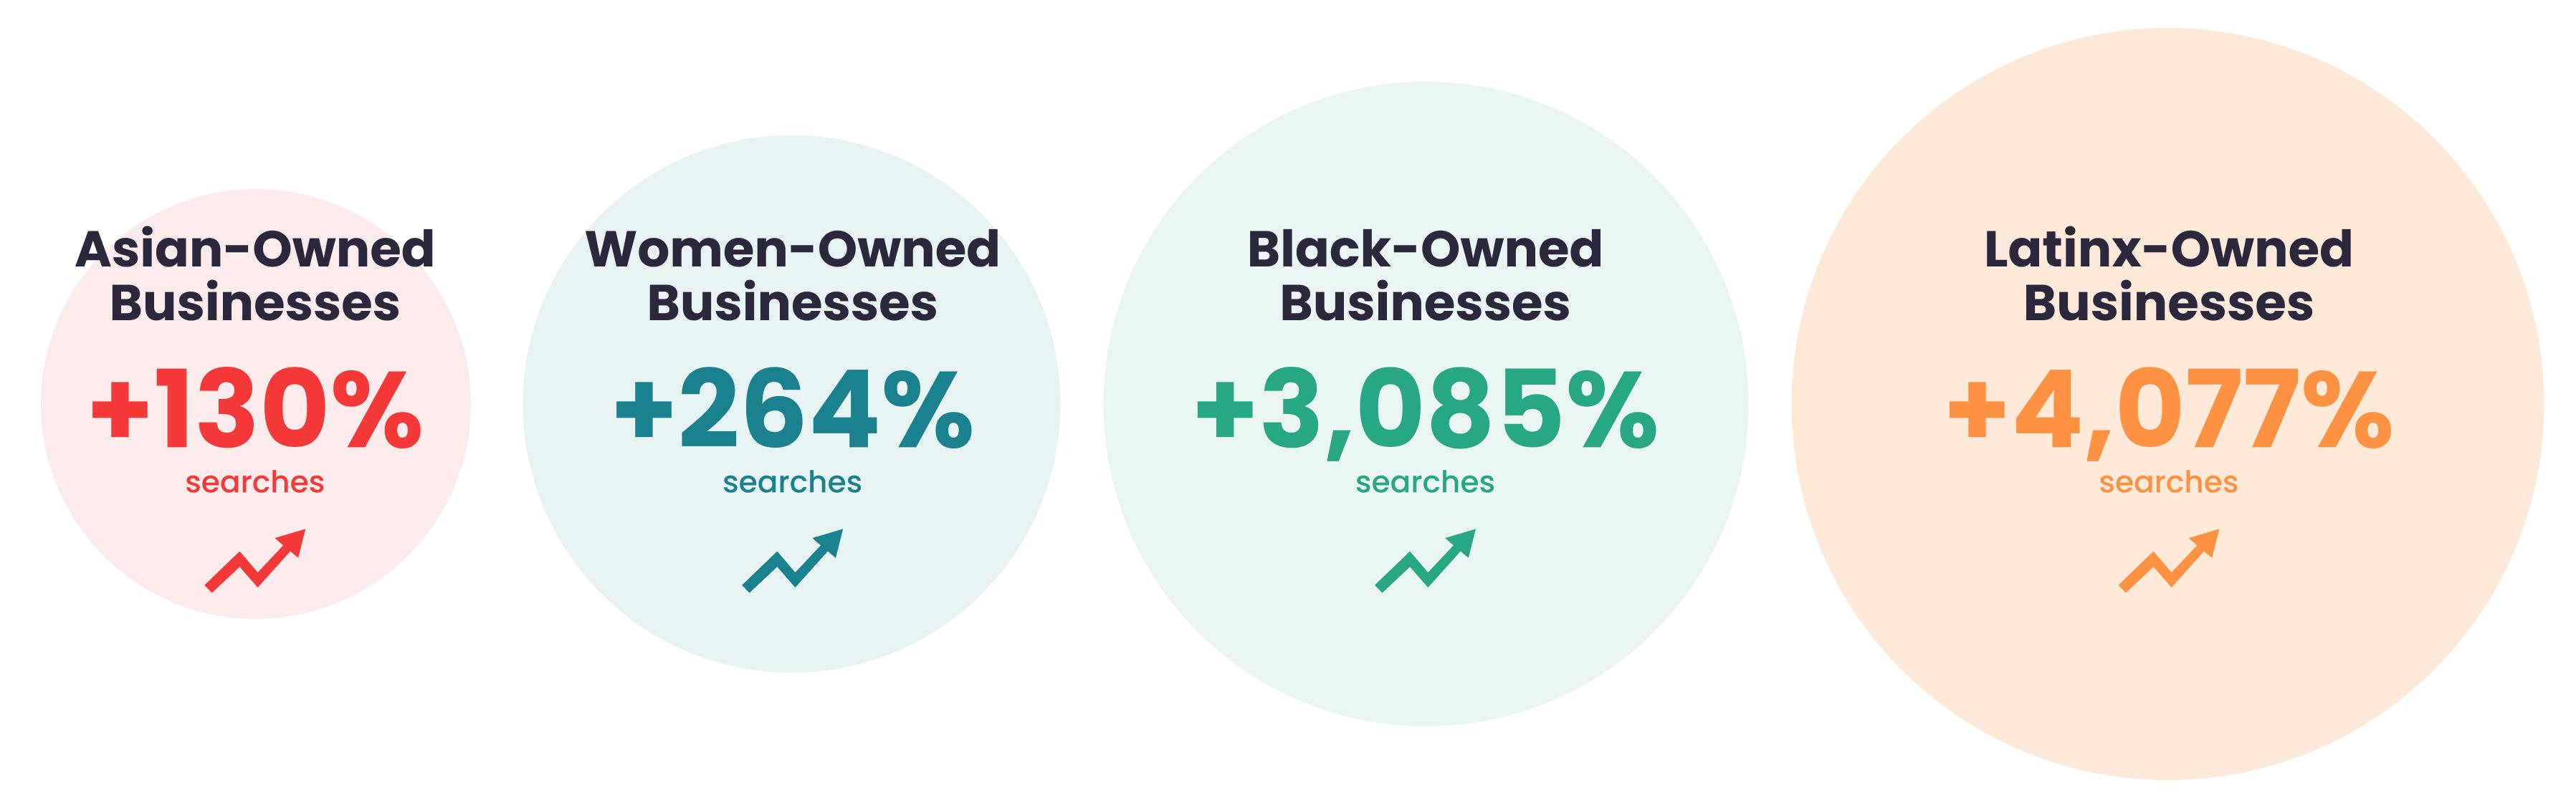 Yelp annonce une croissance importante des recherches pour diverses entreprises